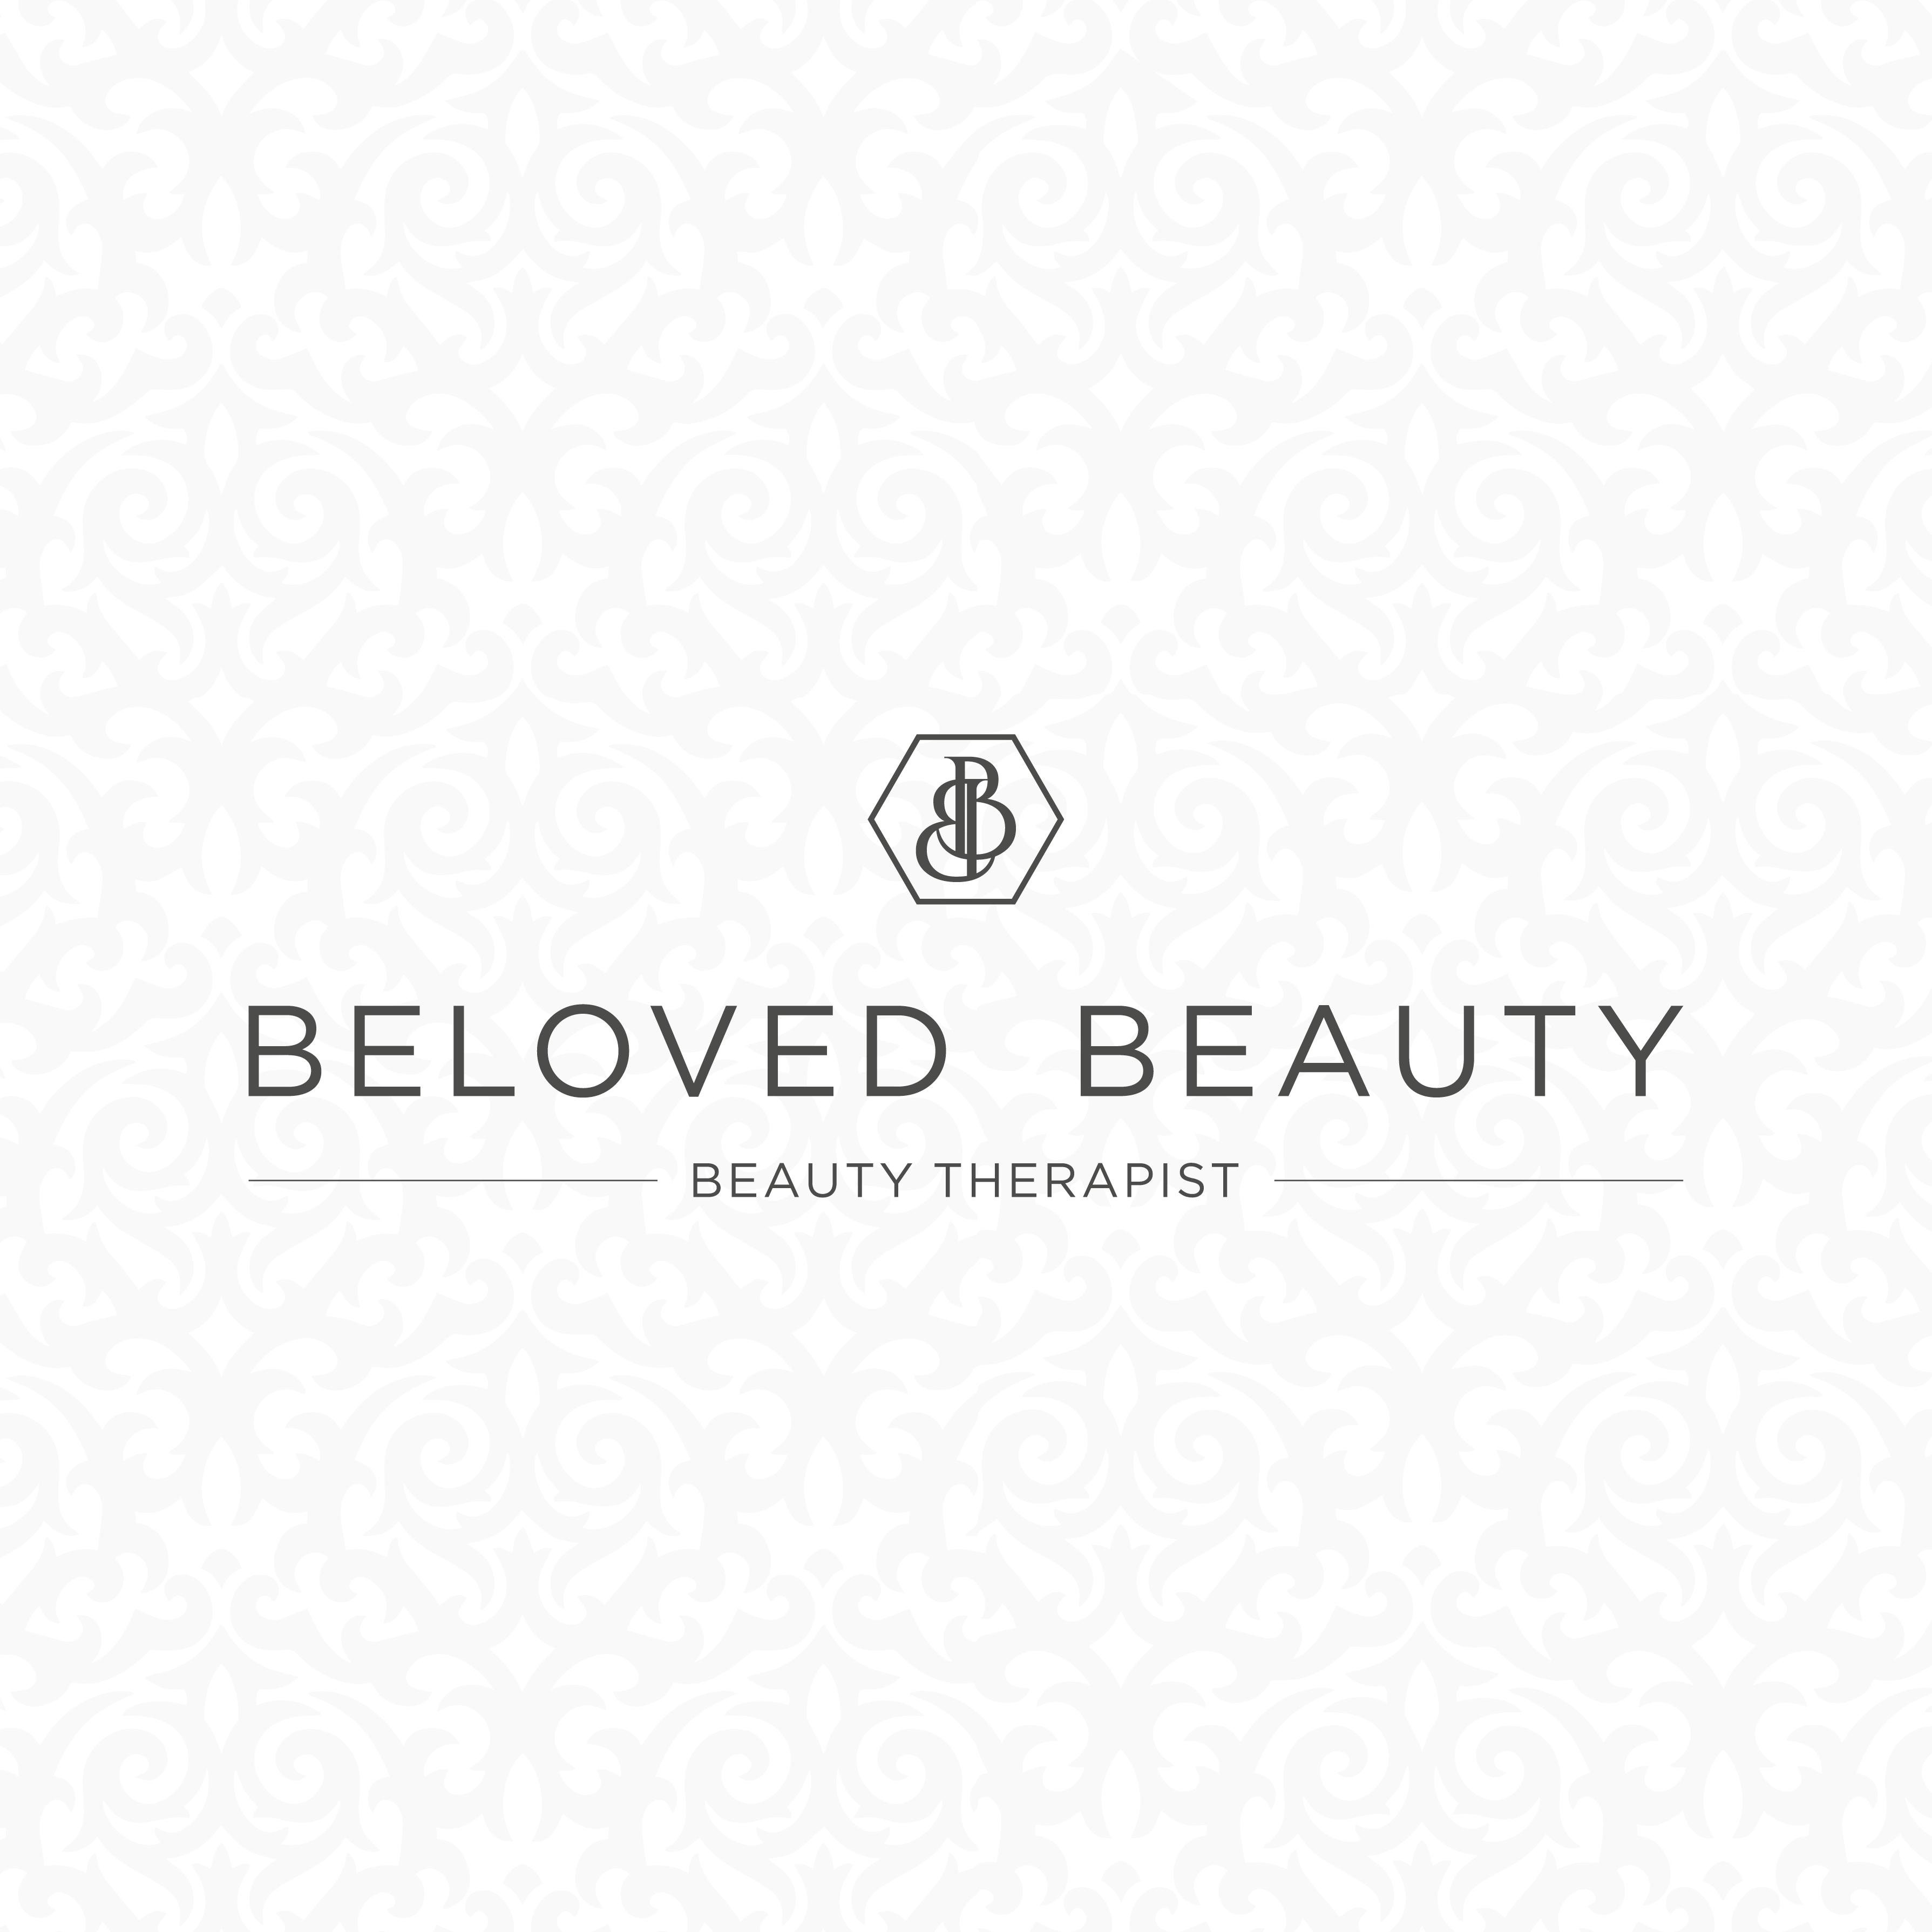 Beloved Beauty